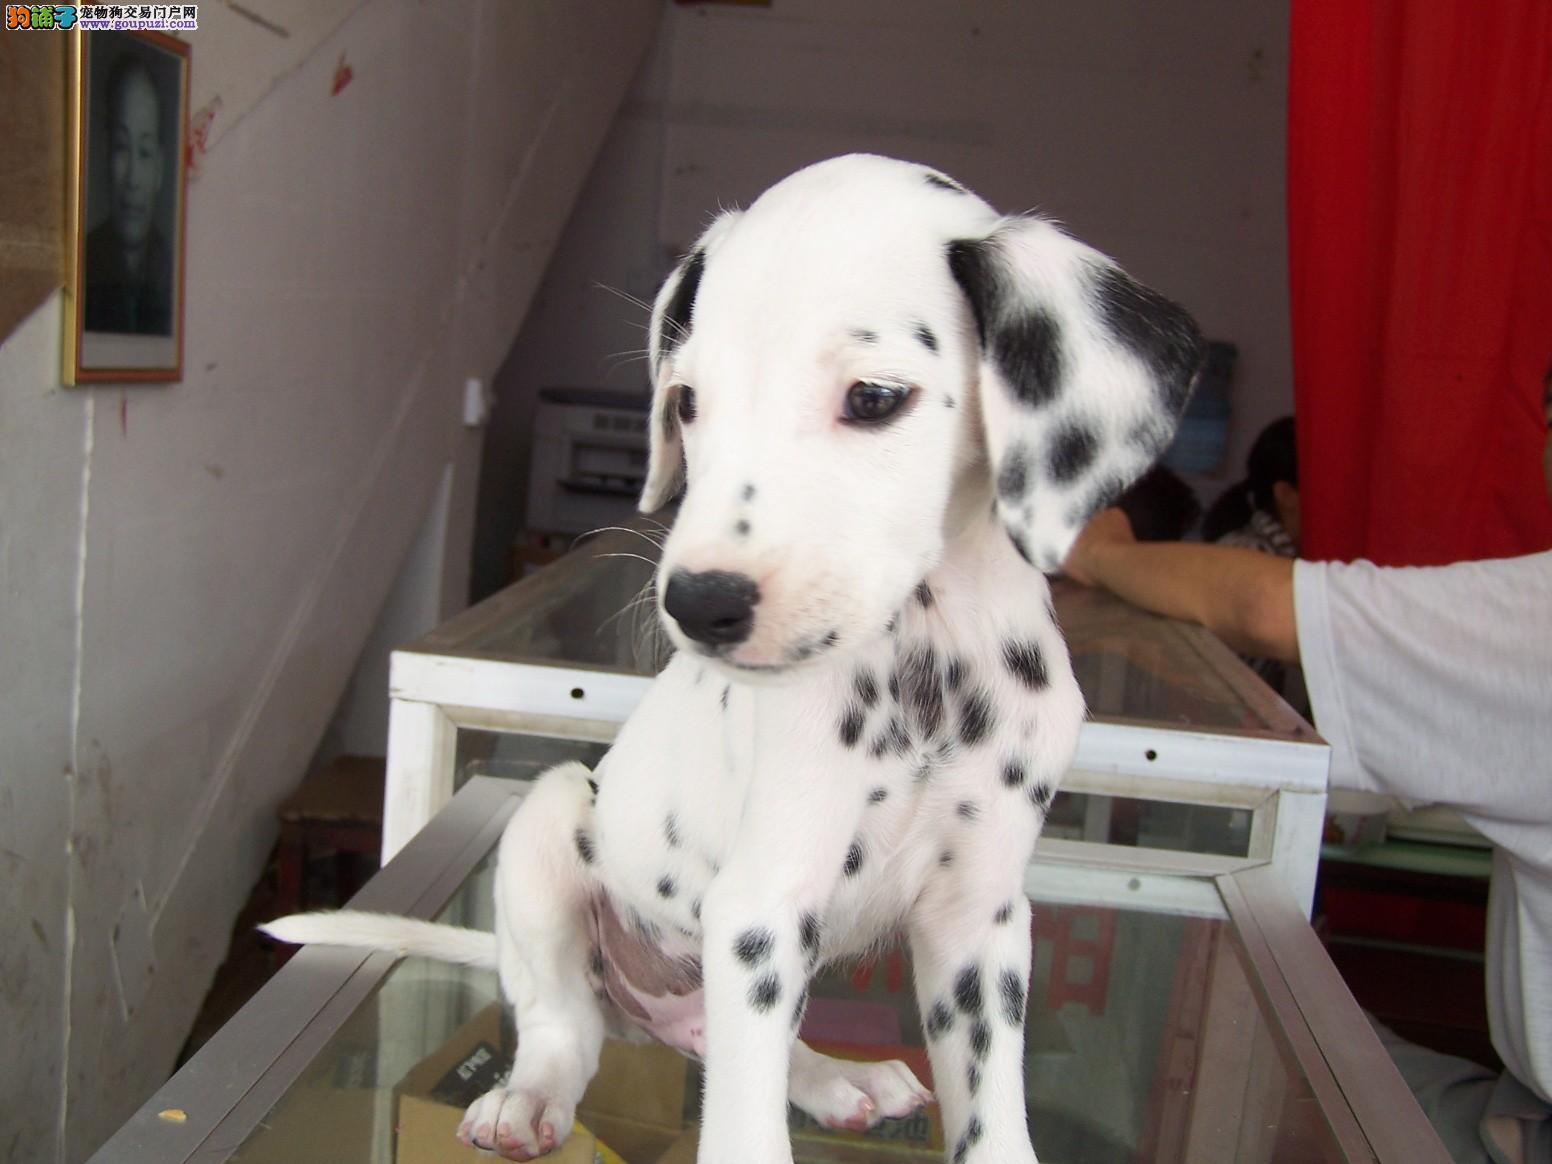 出售高品质健康可爱的斑点犬 包三个月健康 放心购买